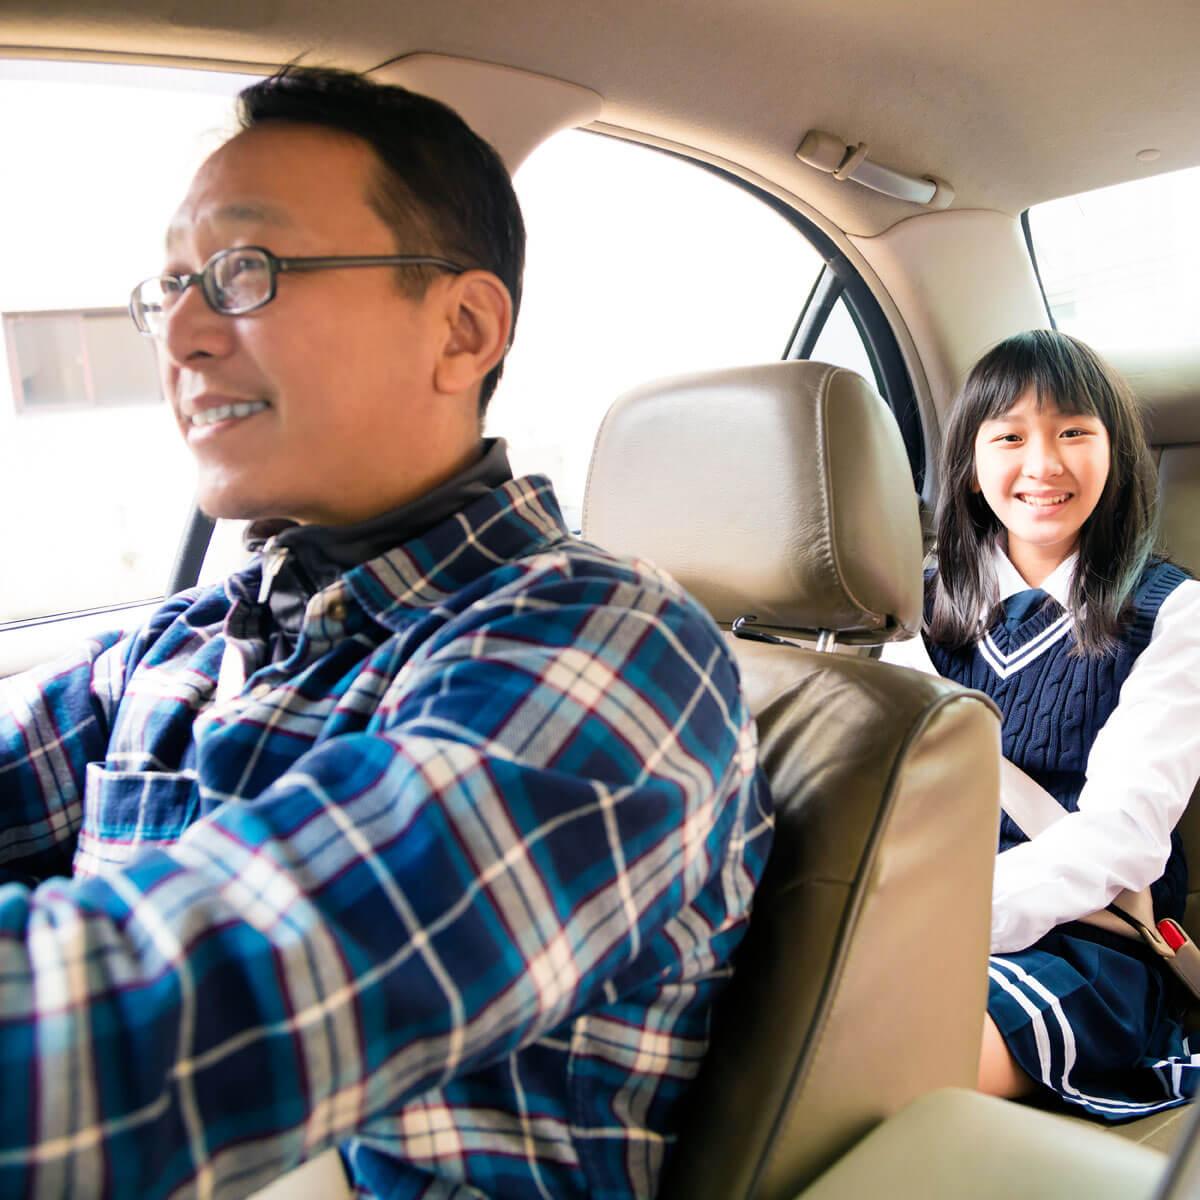 Asia Carz Uber Grab Car Rental Profile